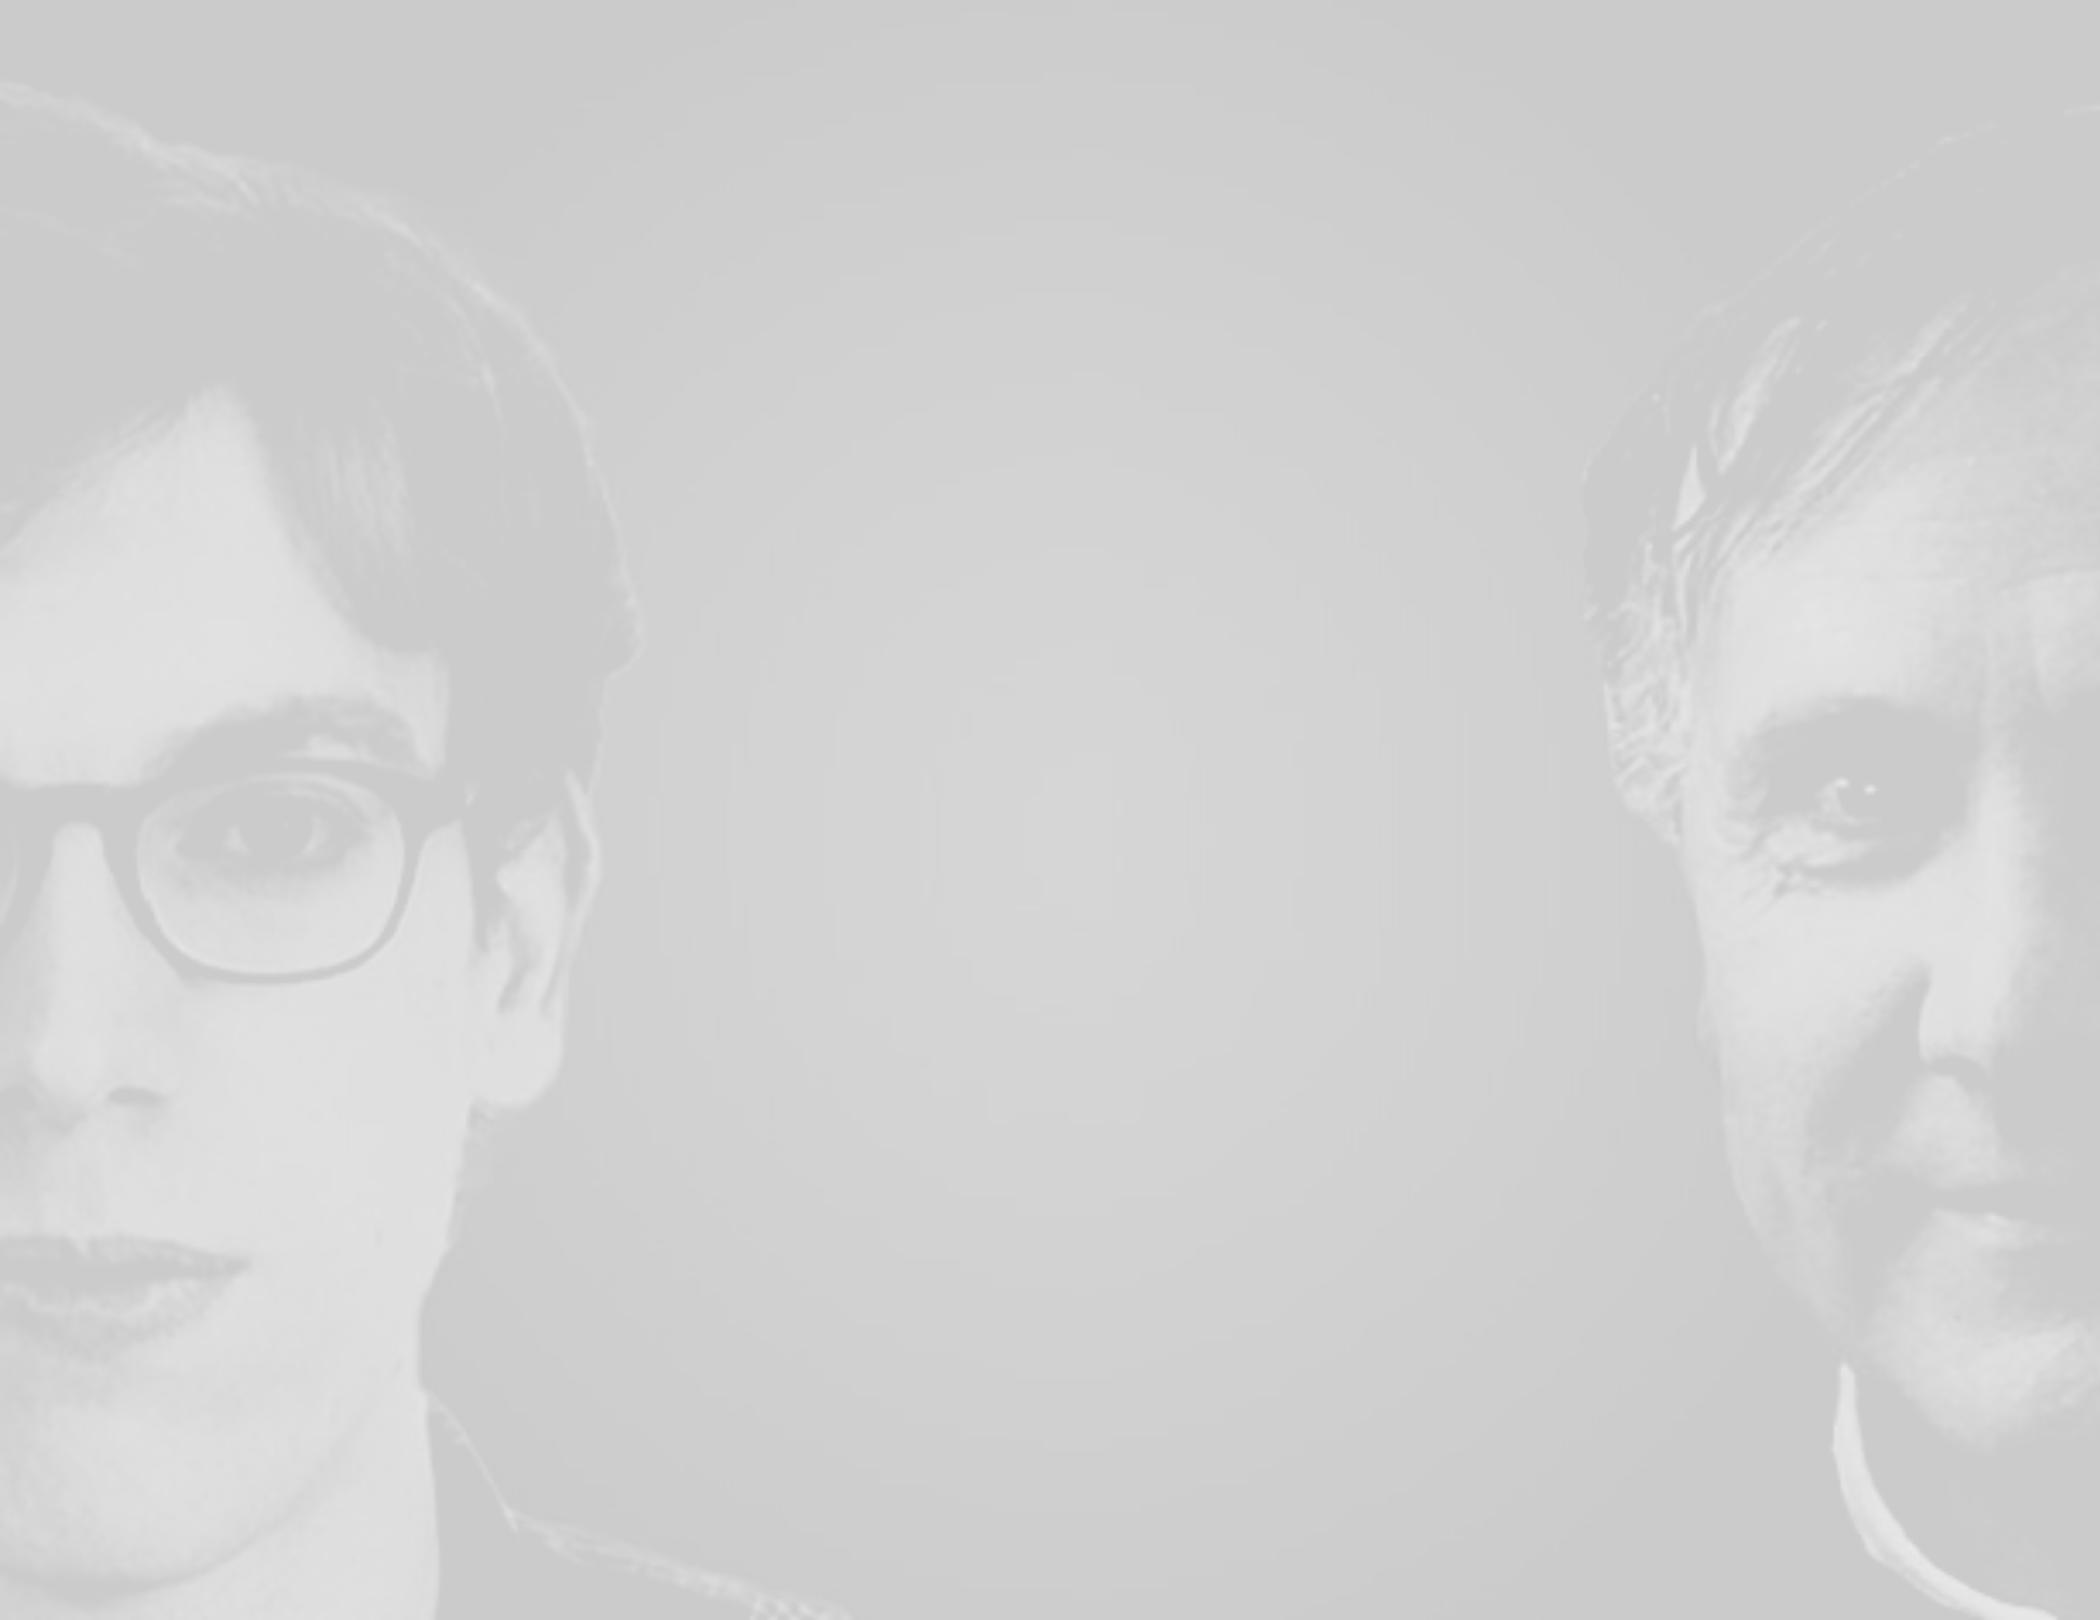 Mee met het idee: Kiezen voor een app is kiezen voor een maatschappij door Massimiliano Simons & Mauritz Kelchtermans